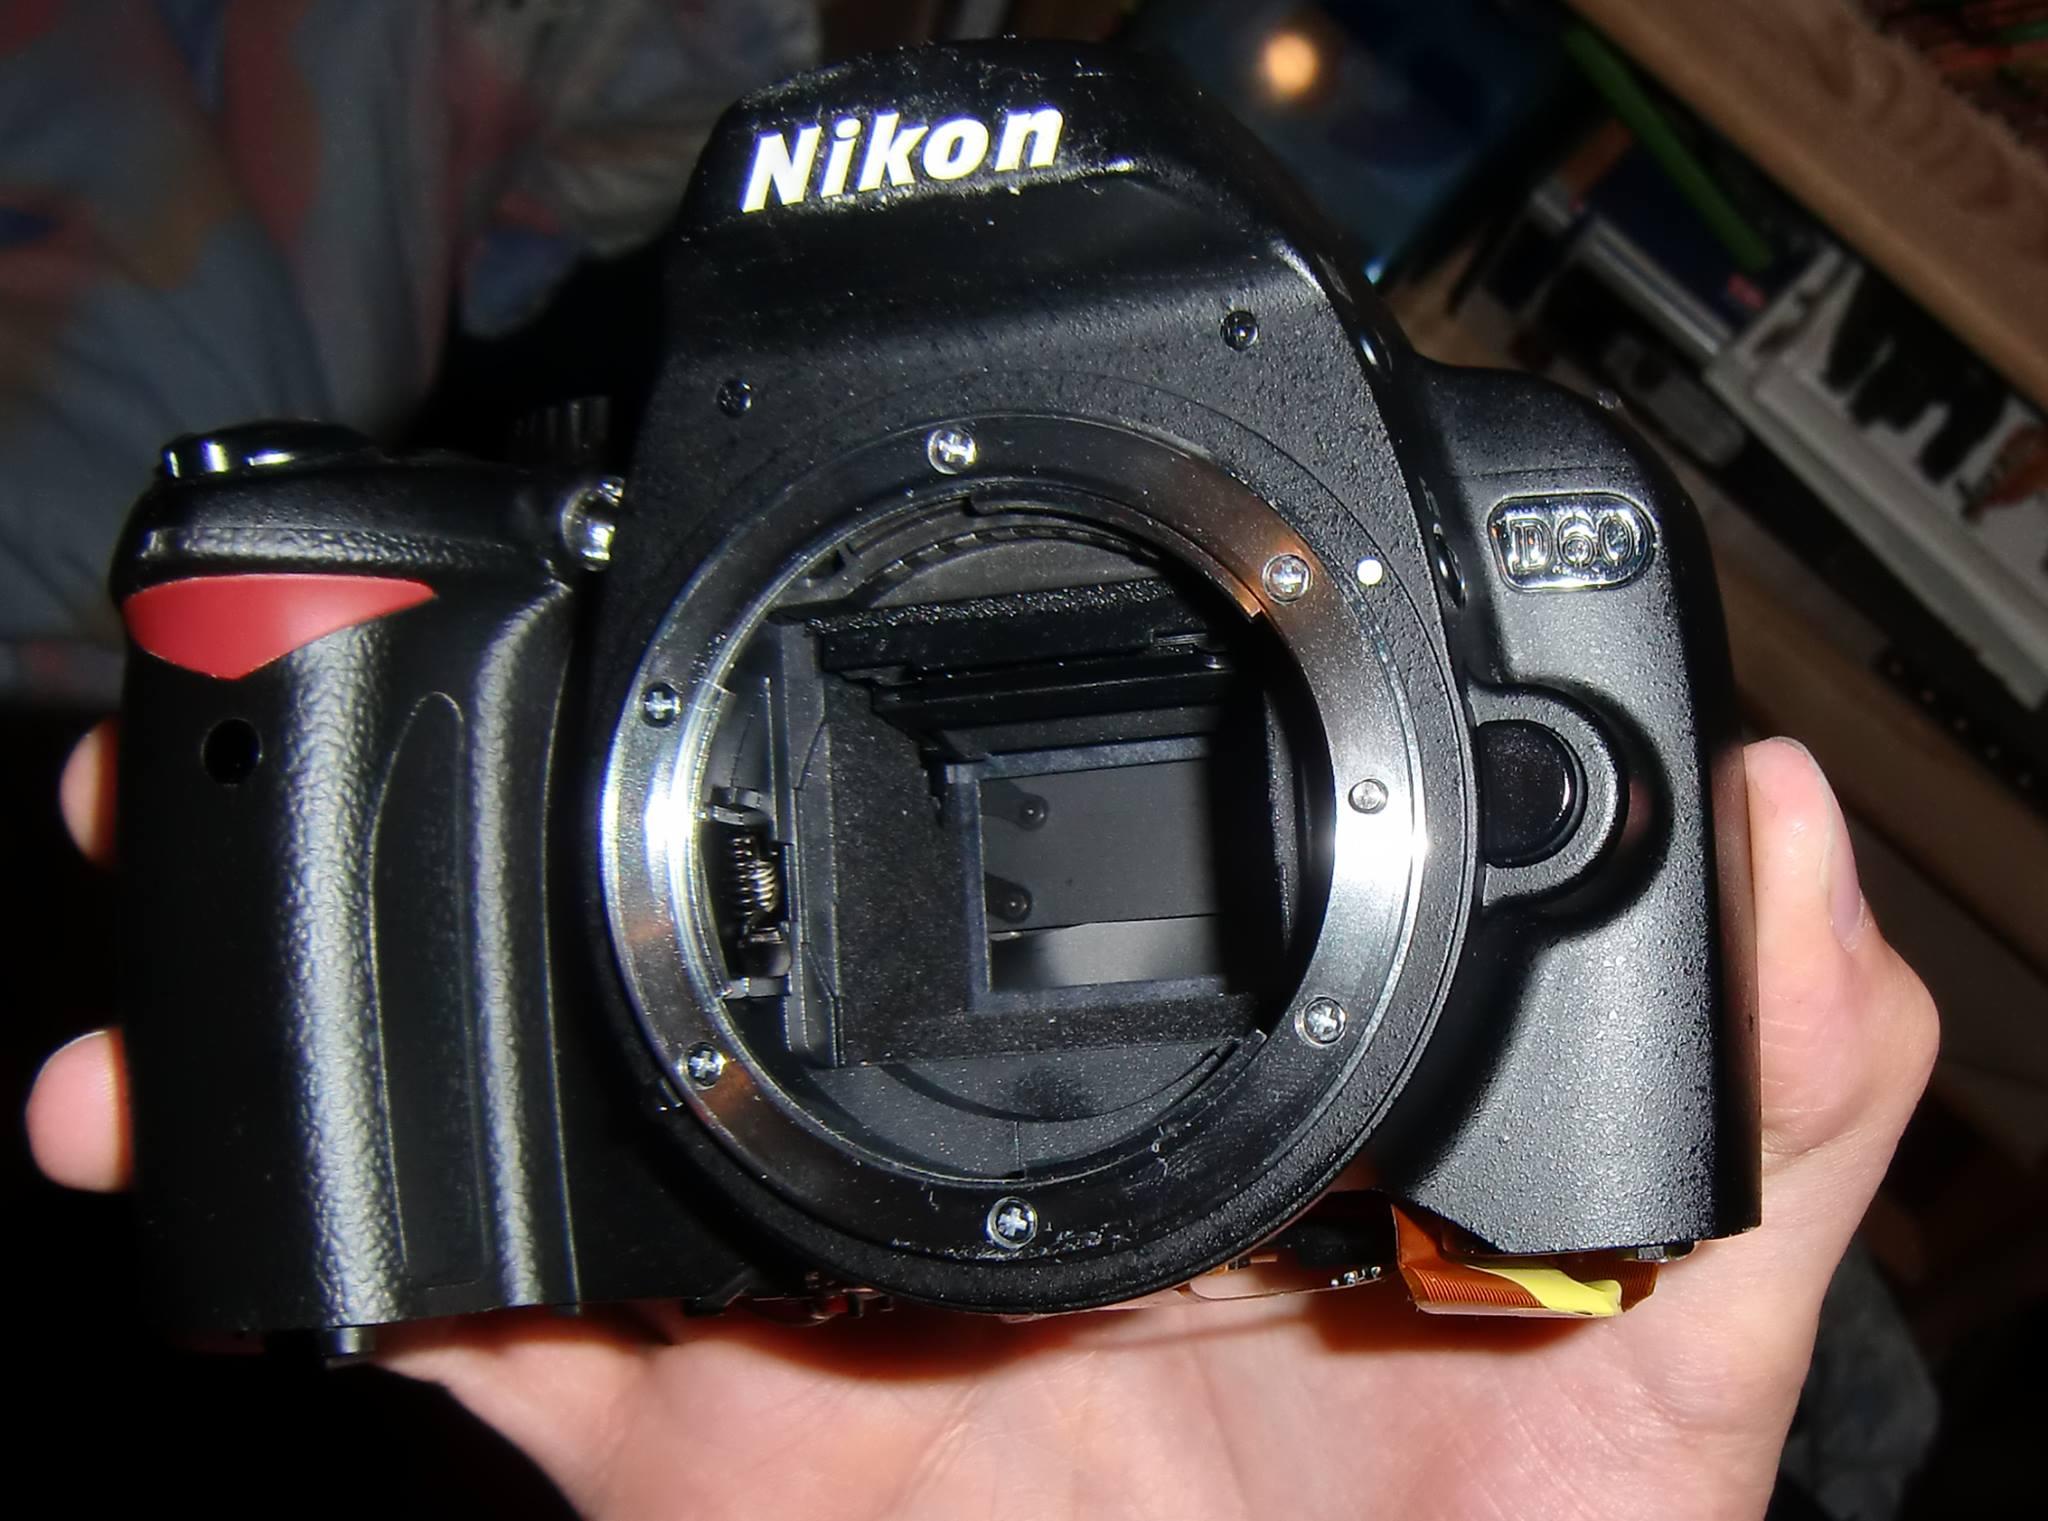 Repairing Is Fun – Let's Get The Nikon D60